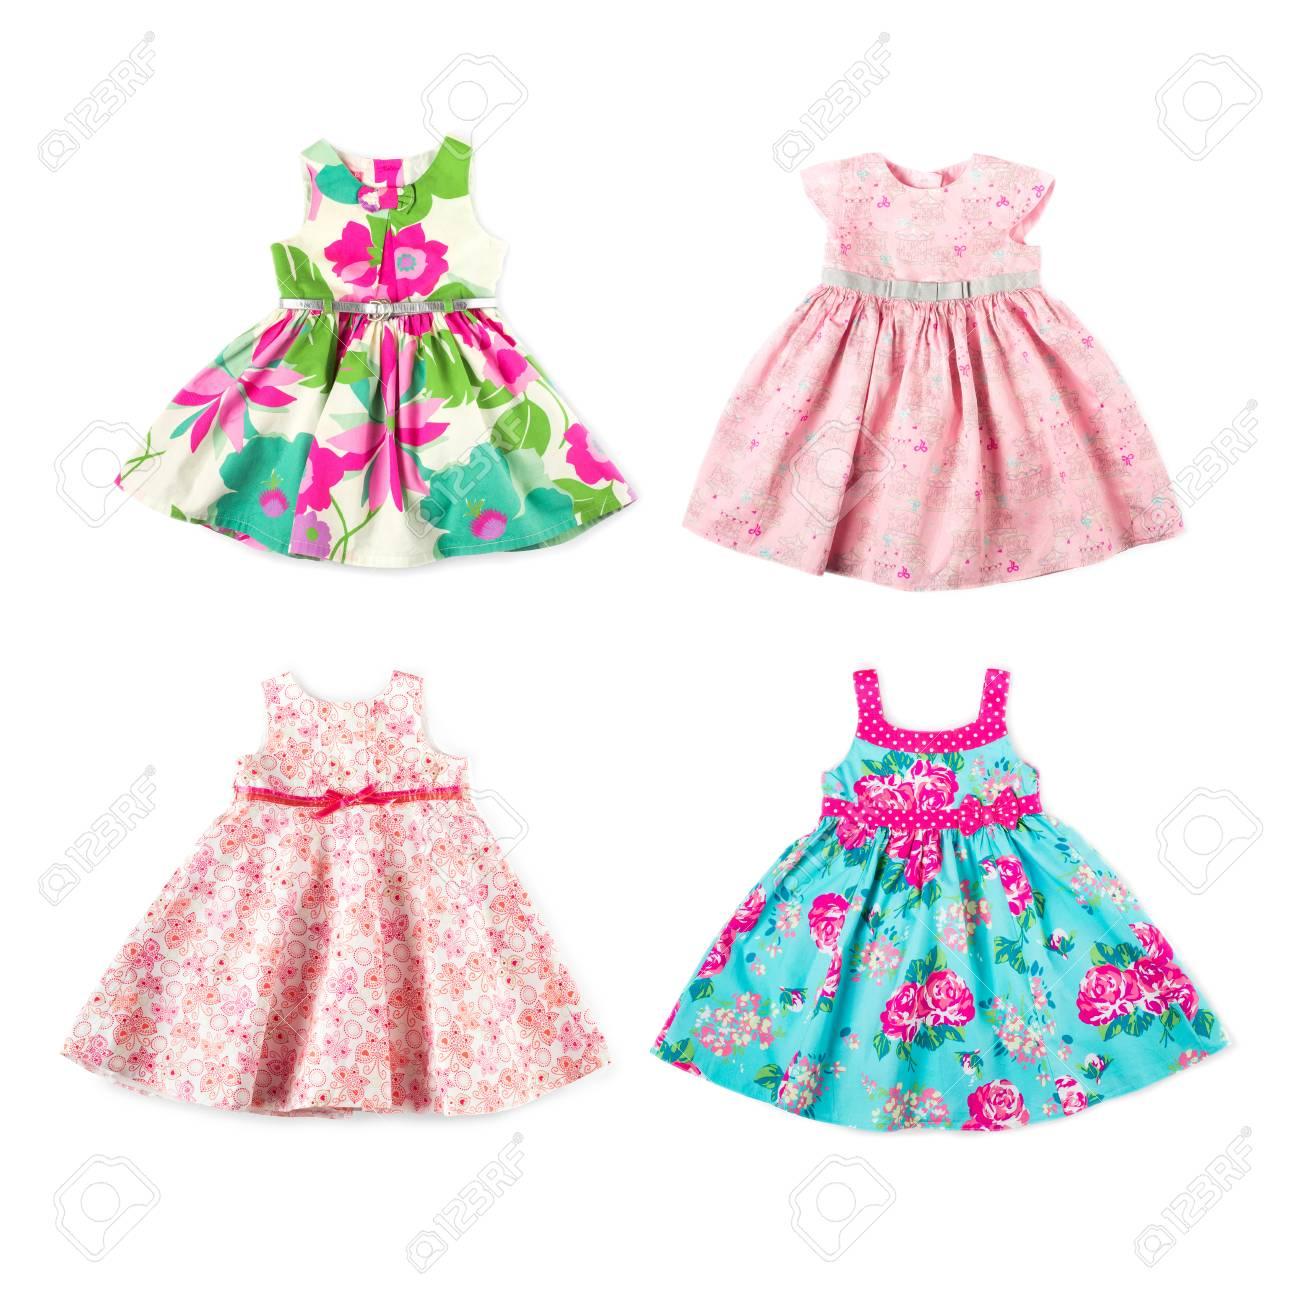 d77245b11ca Banque d images - Ensemble de bébé fille belles robes d été brillant  élégant isolé sur fond blanc